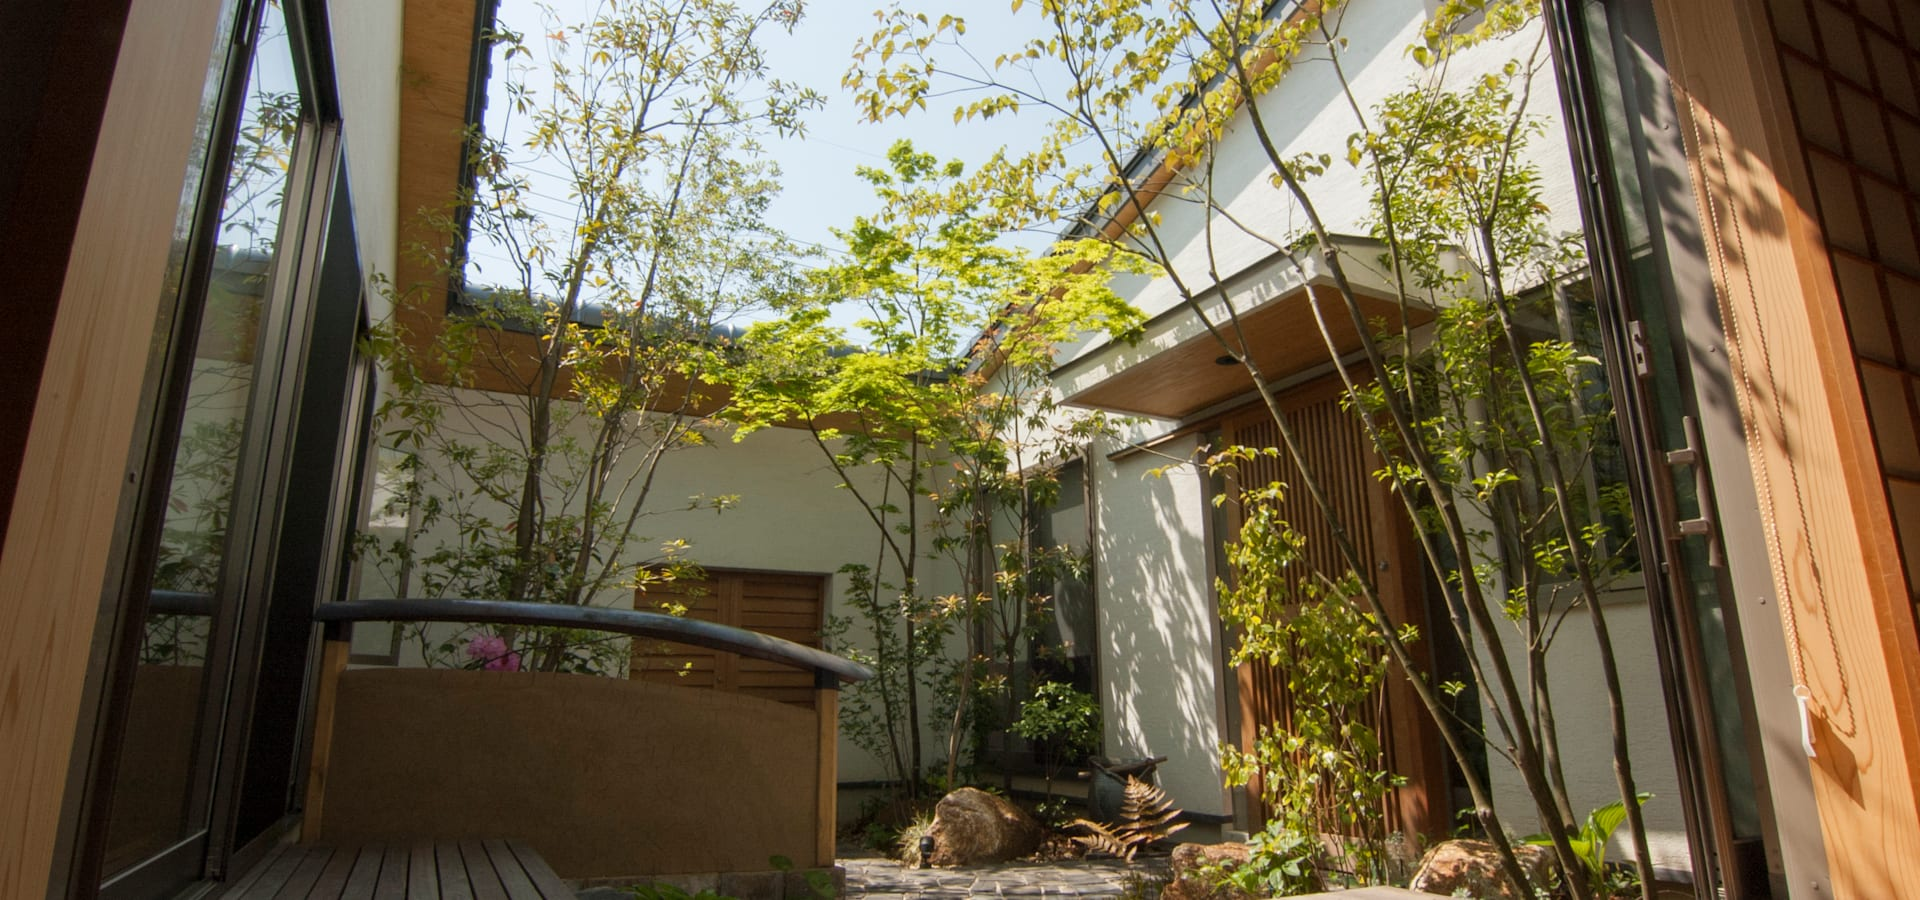 Garden design office萬葉